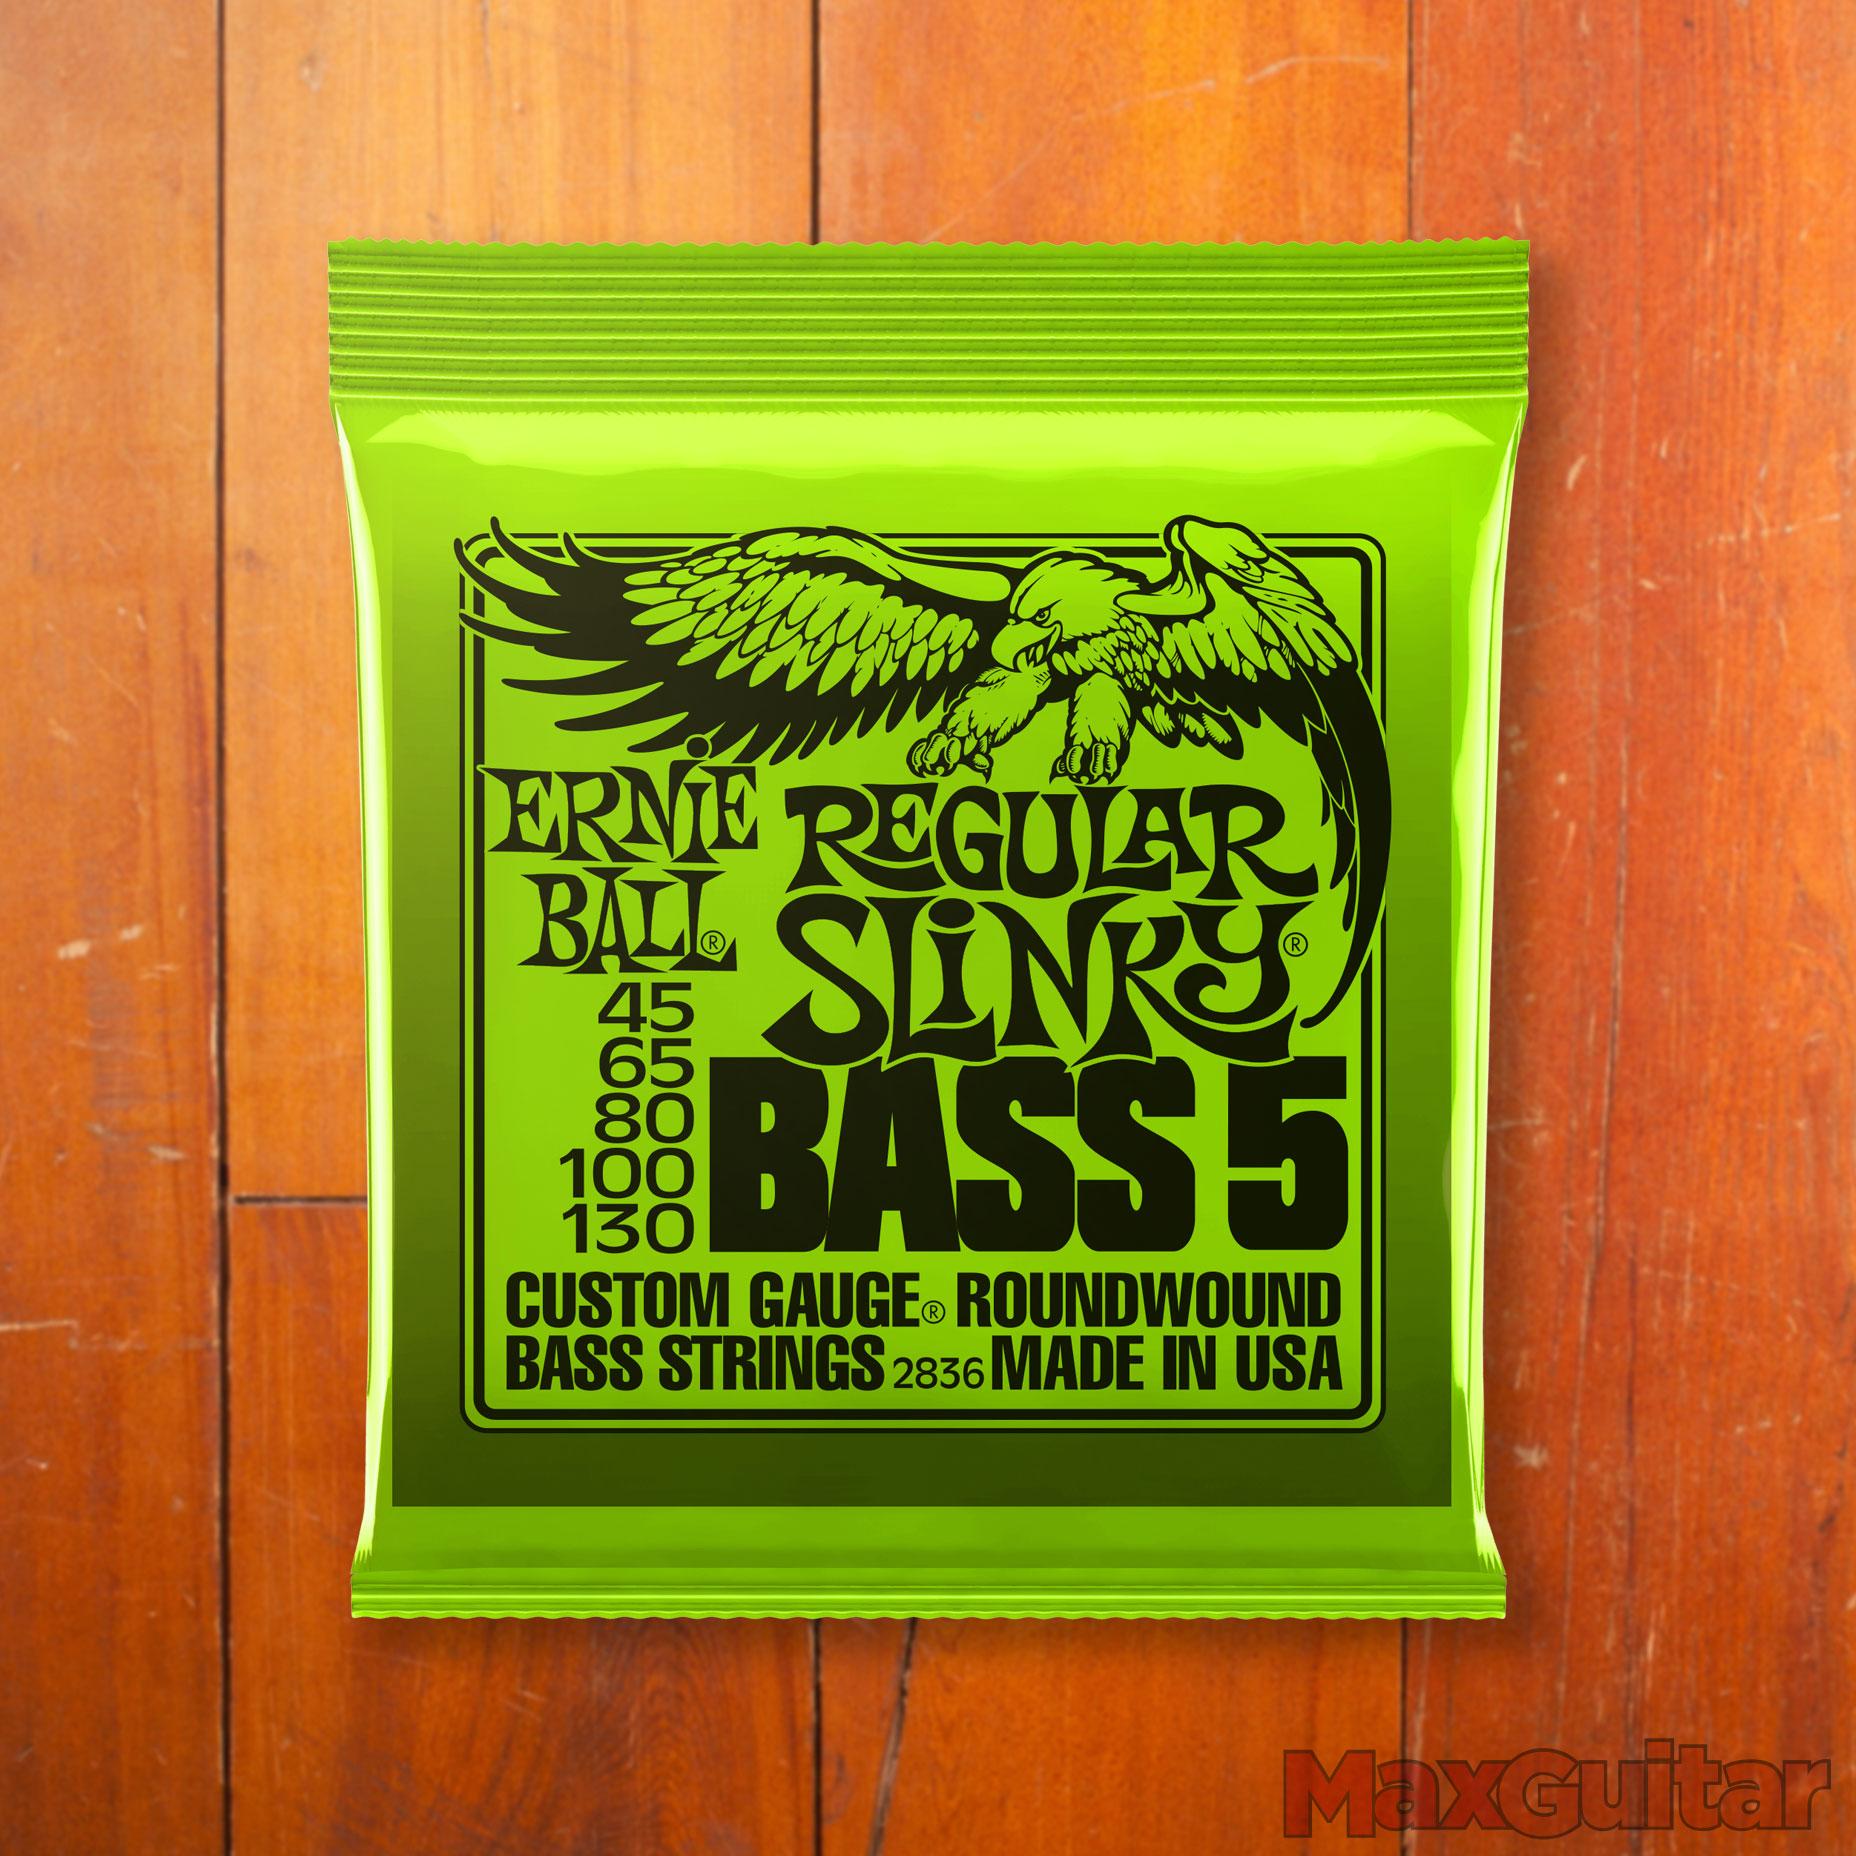 Ernie Ball 2836 Bass 5 Regular Slinky 045 130 snarenset